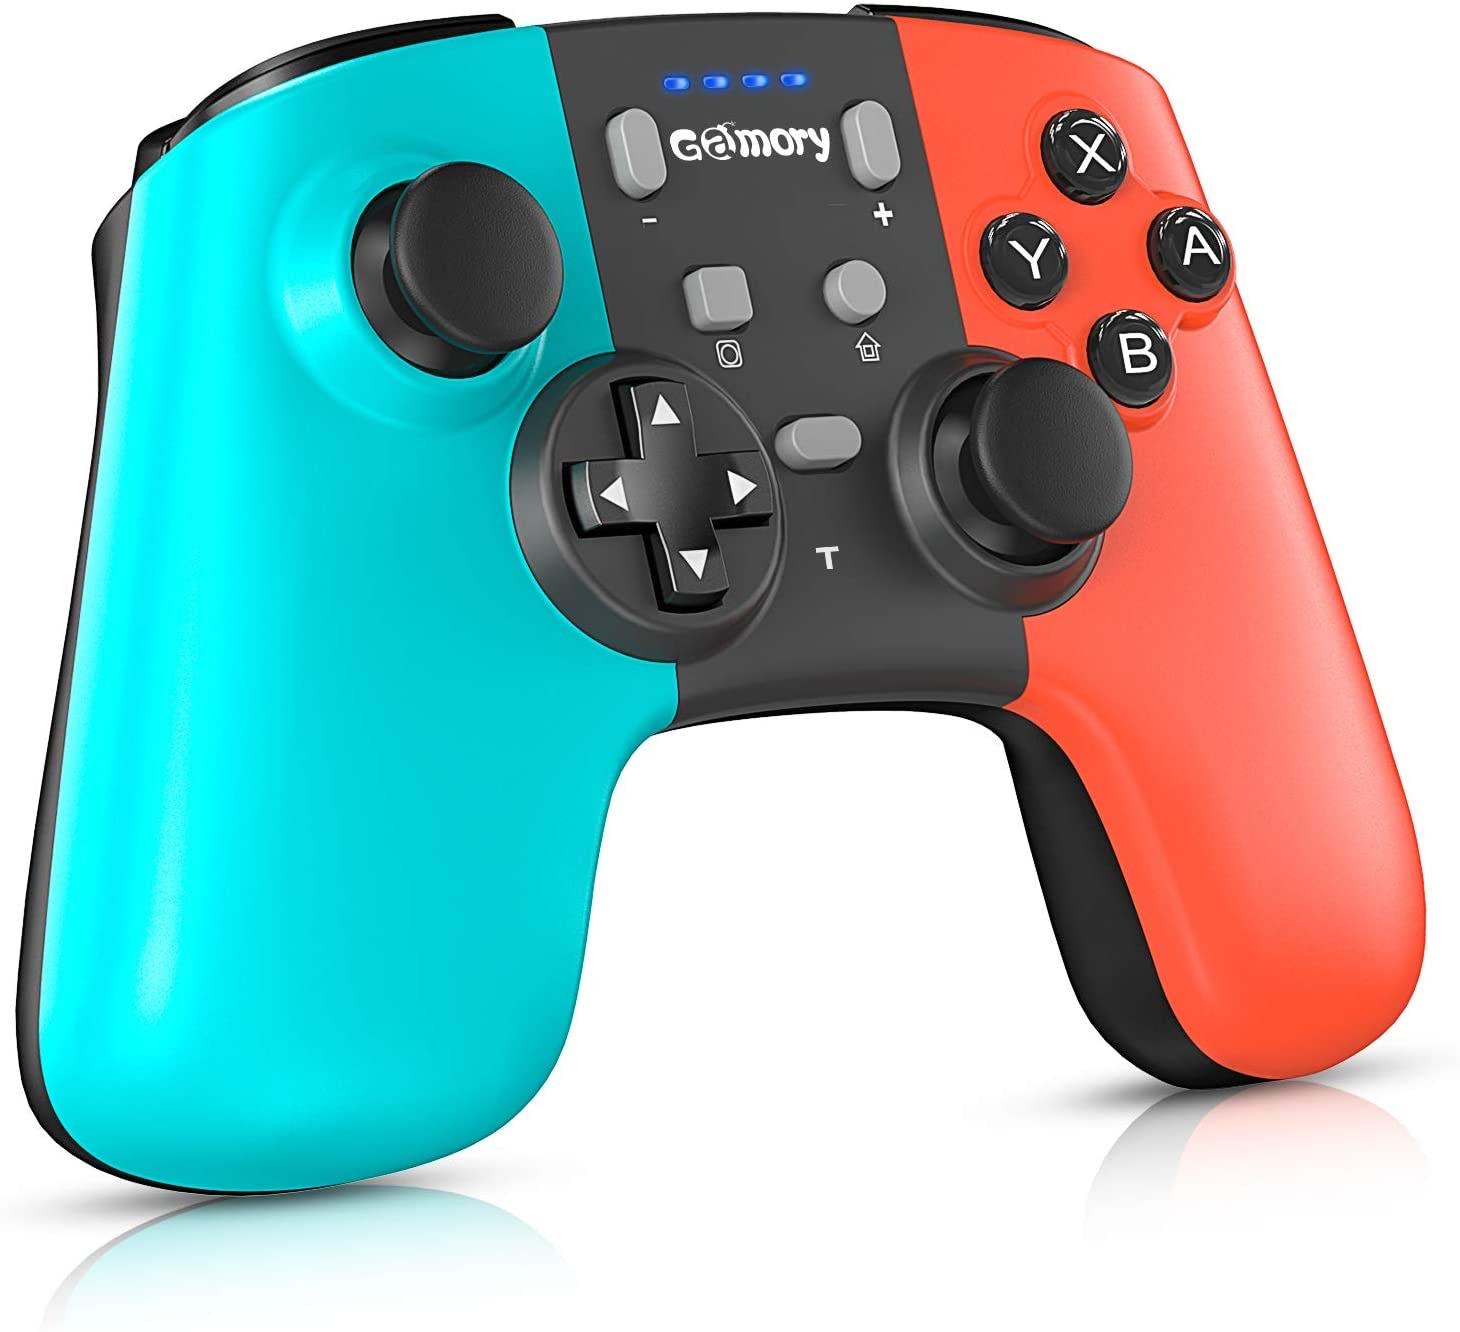 Manette sans-fil Gamory pour Nintendo Switch, PC et Xbox 360 (Vendeur tiers)